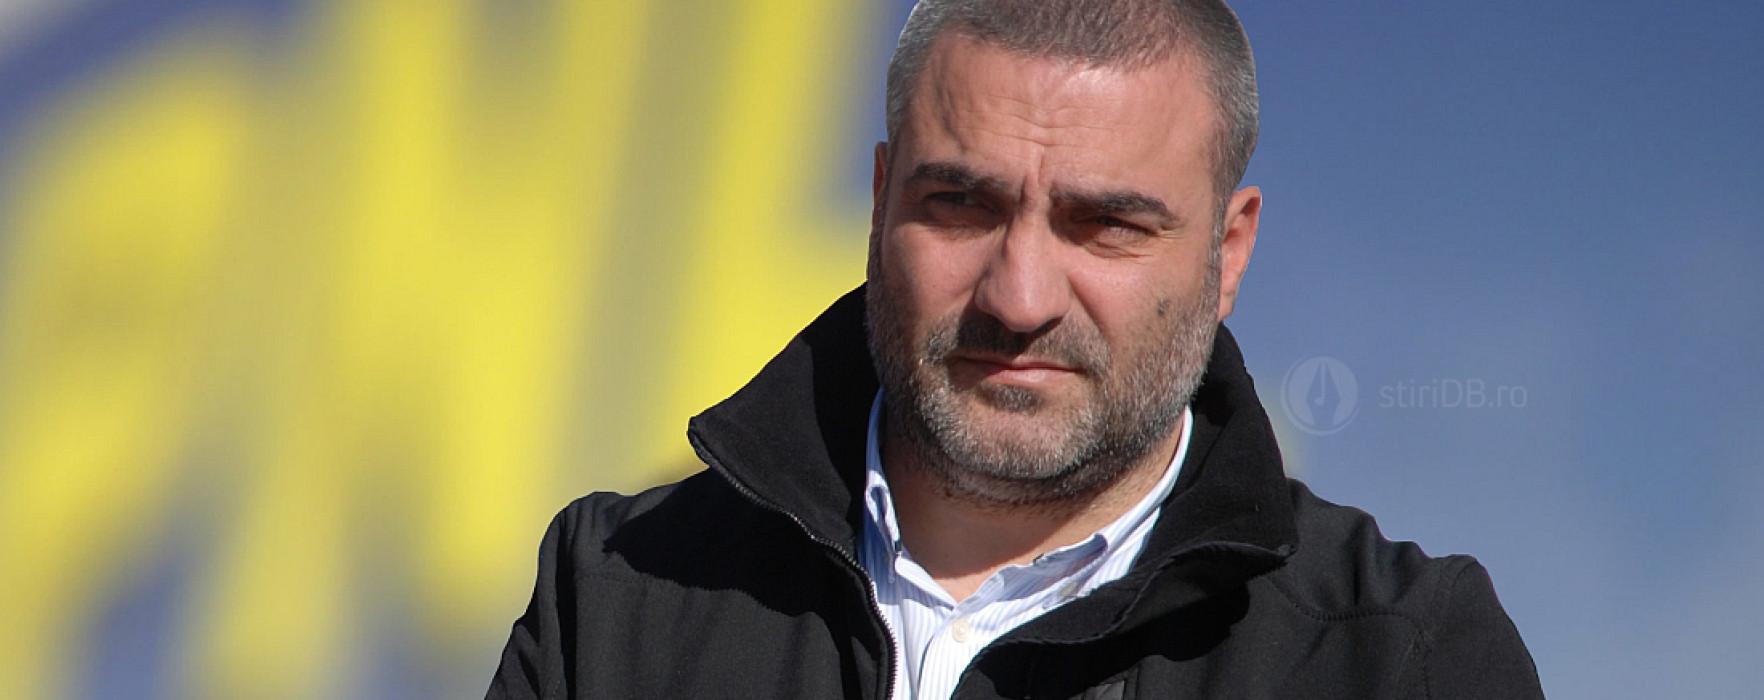 Liberalii au strâns semnături pentru demiterea lui Mihail Volintiru de la conducerea PNL Dâmboviţa